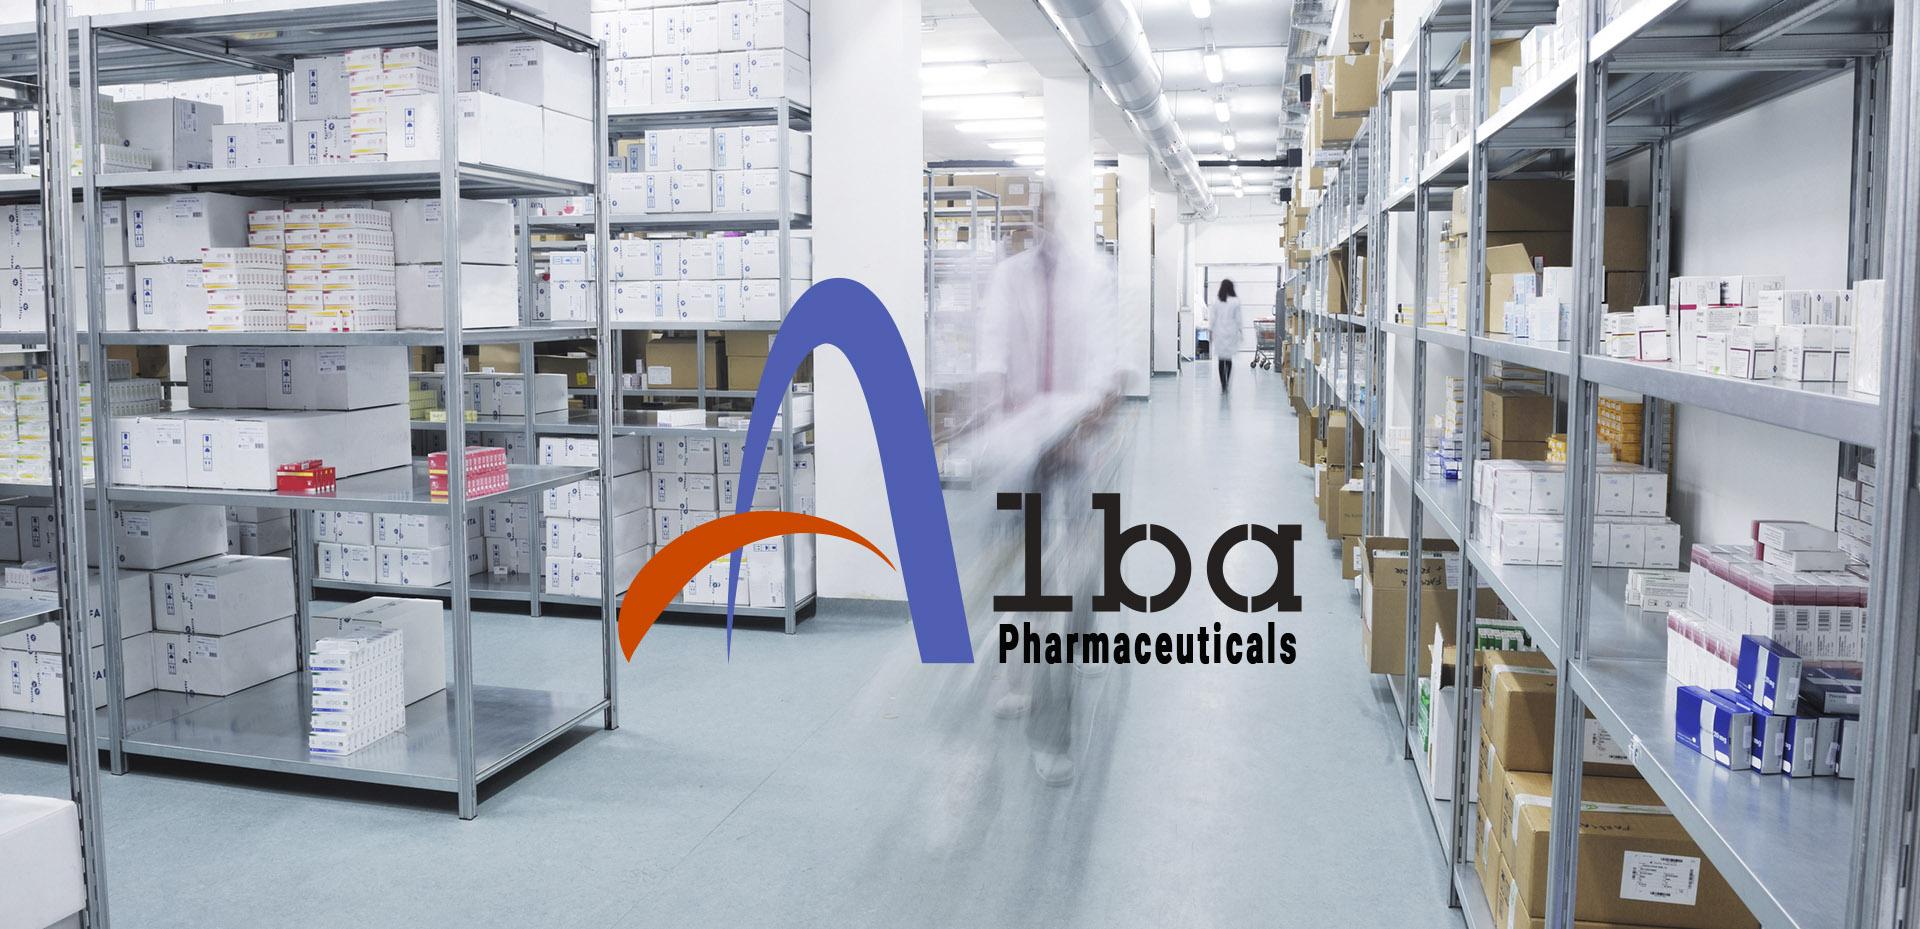 alba pharmaceuticals - distribuidor medicamentos uso humano y veterinario castellon productos nutricion dietetica suplementos equipacion medica medicamentos de marca genéricos cosmética